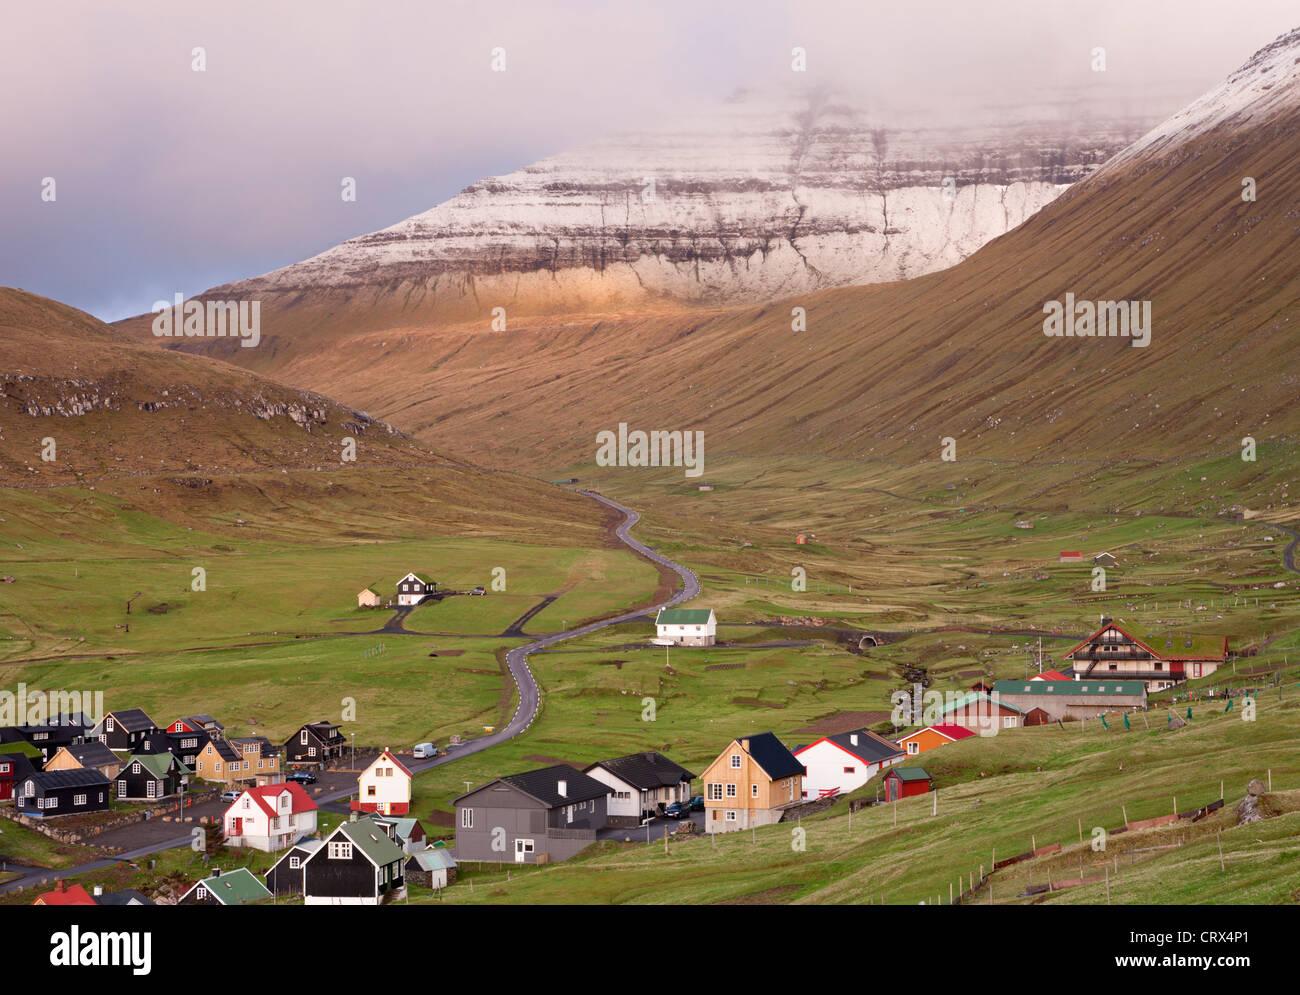 Dorf Gjogv auf der Insel Eysturoy, Färöer. (Juni) Frühjahr 2012. Stockbild